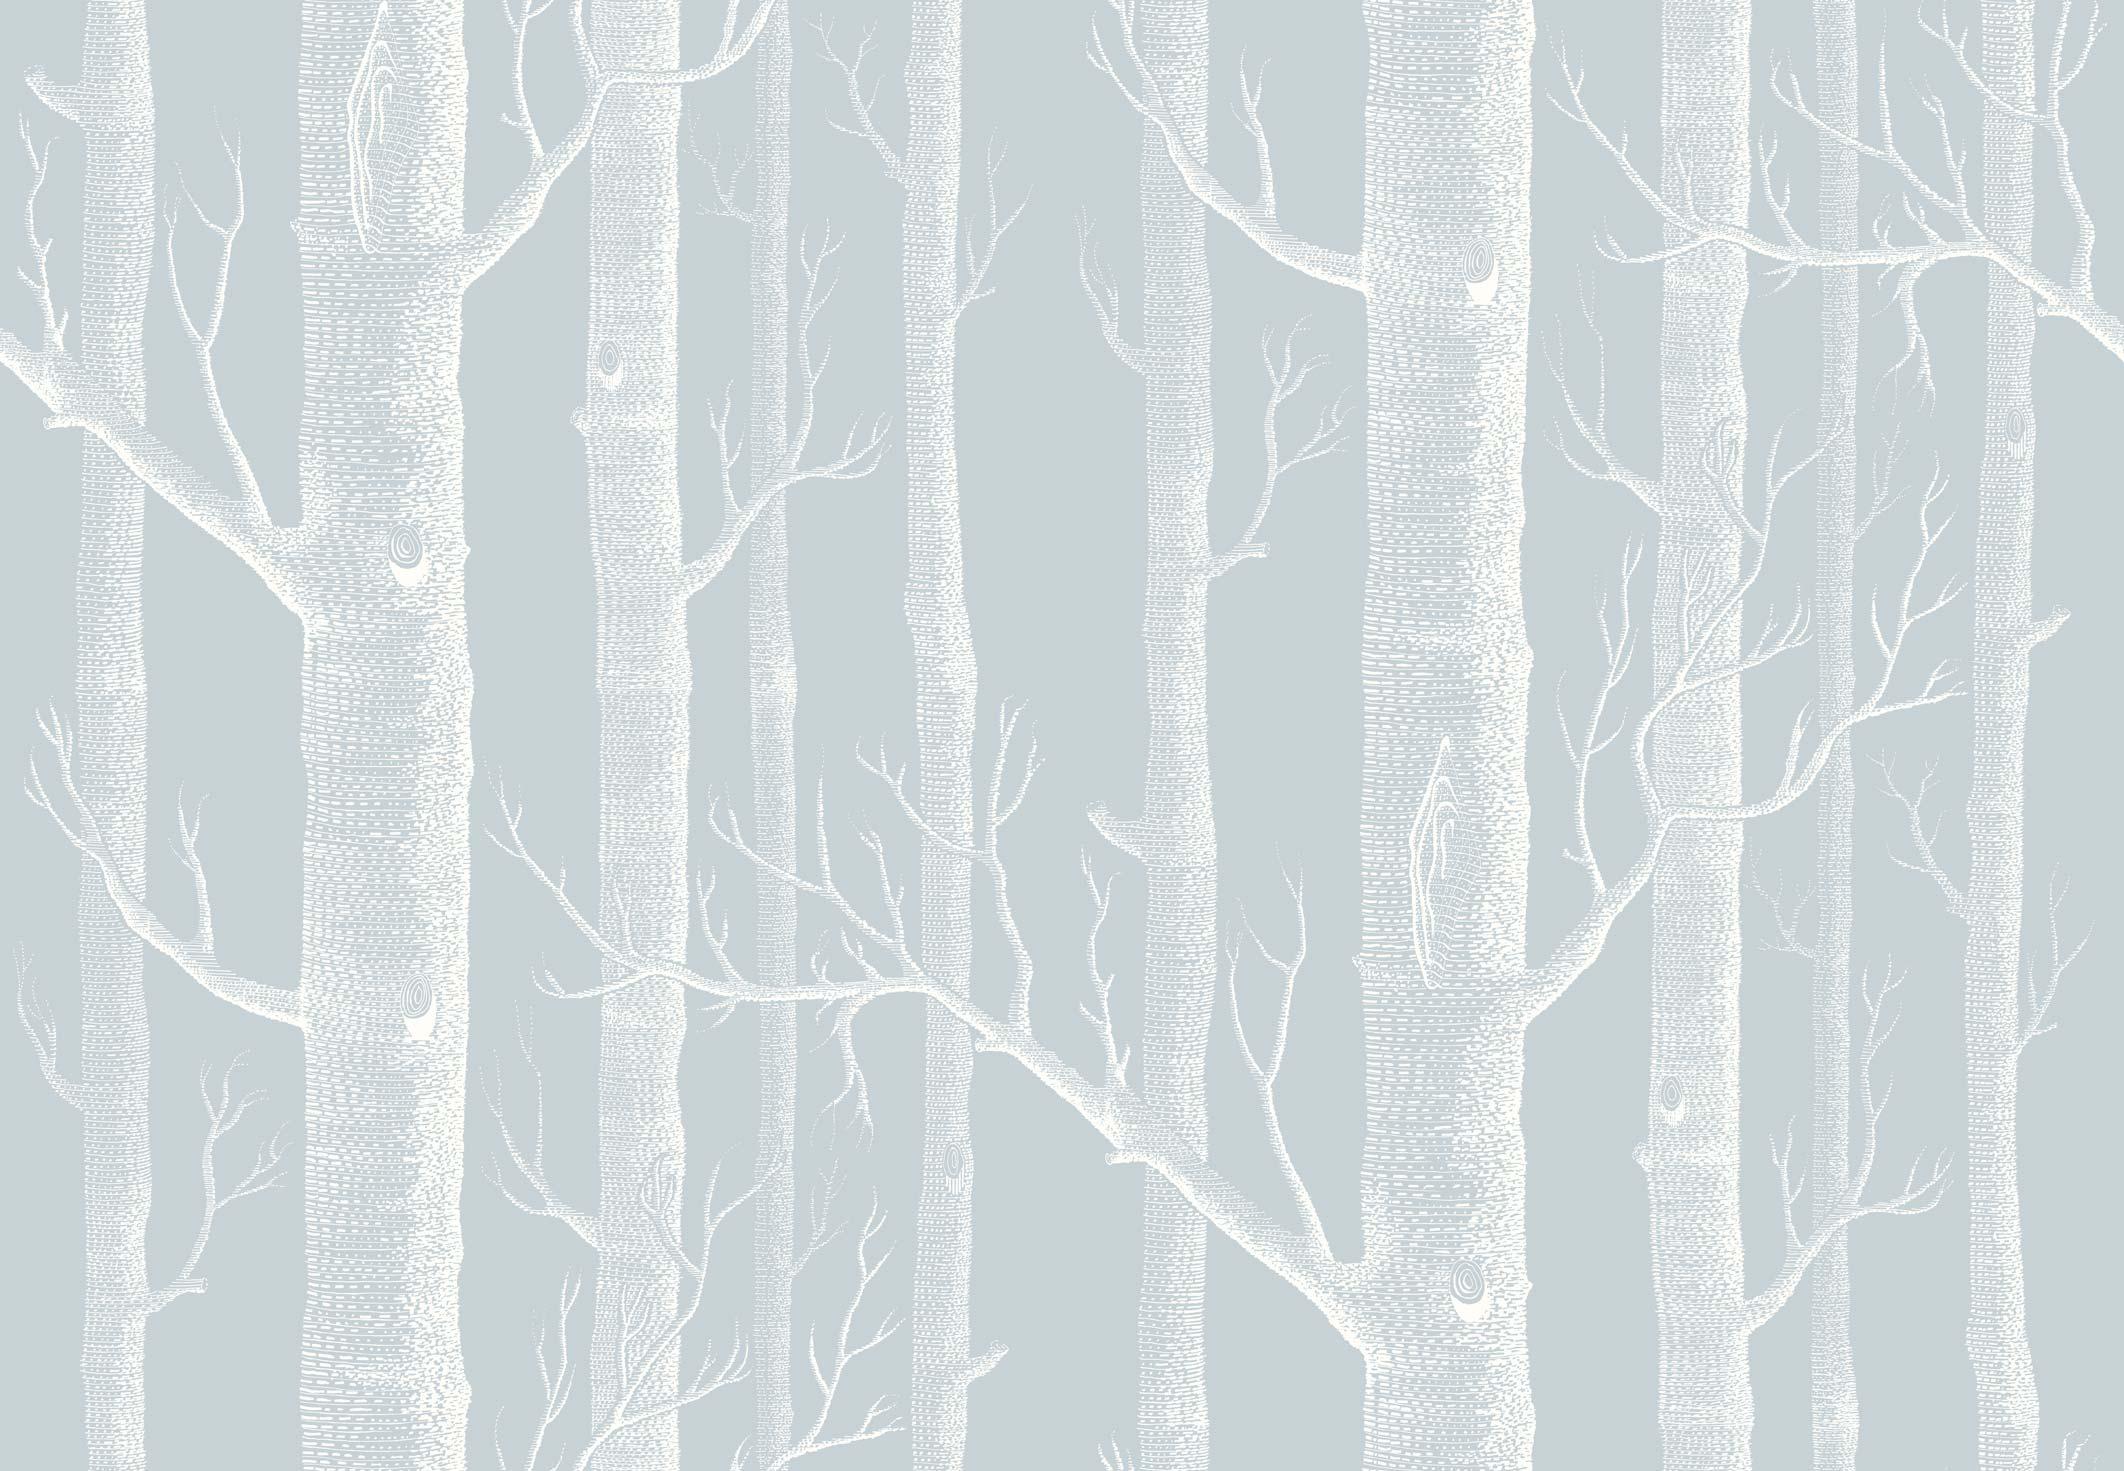 Woods Wallpaper Blue 2124x1471